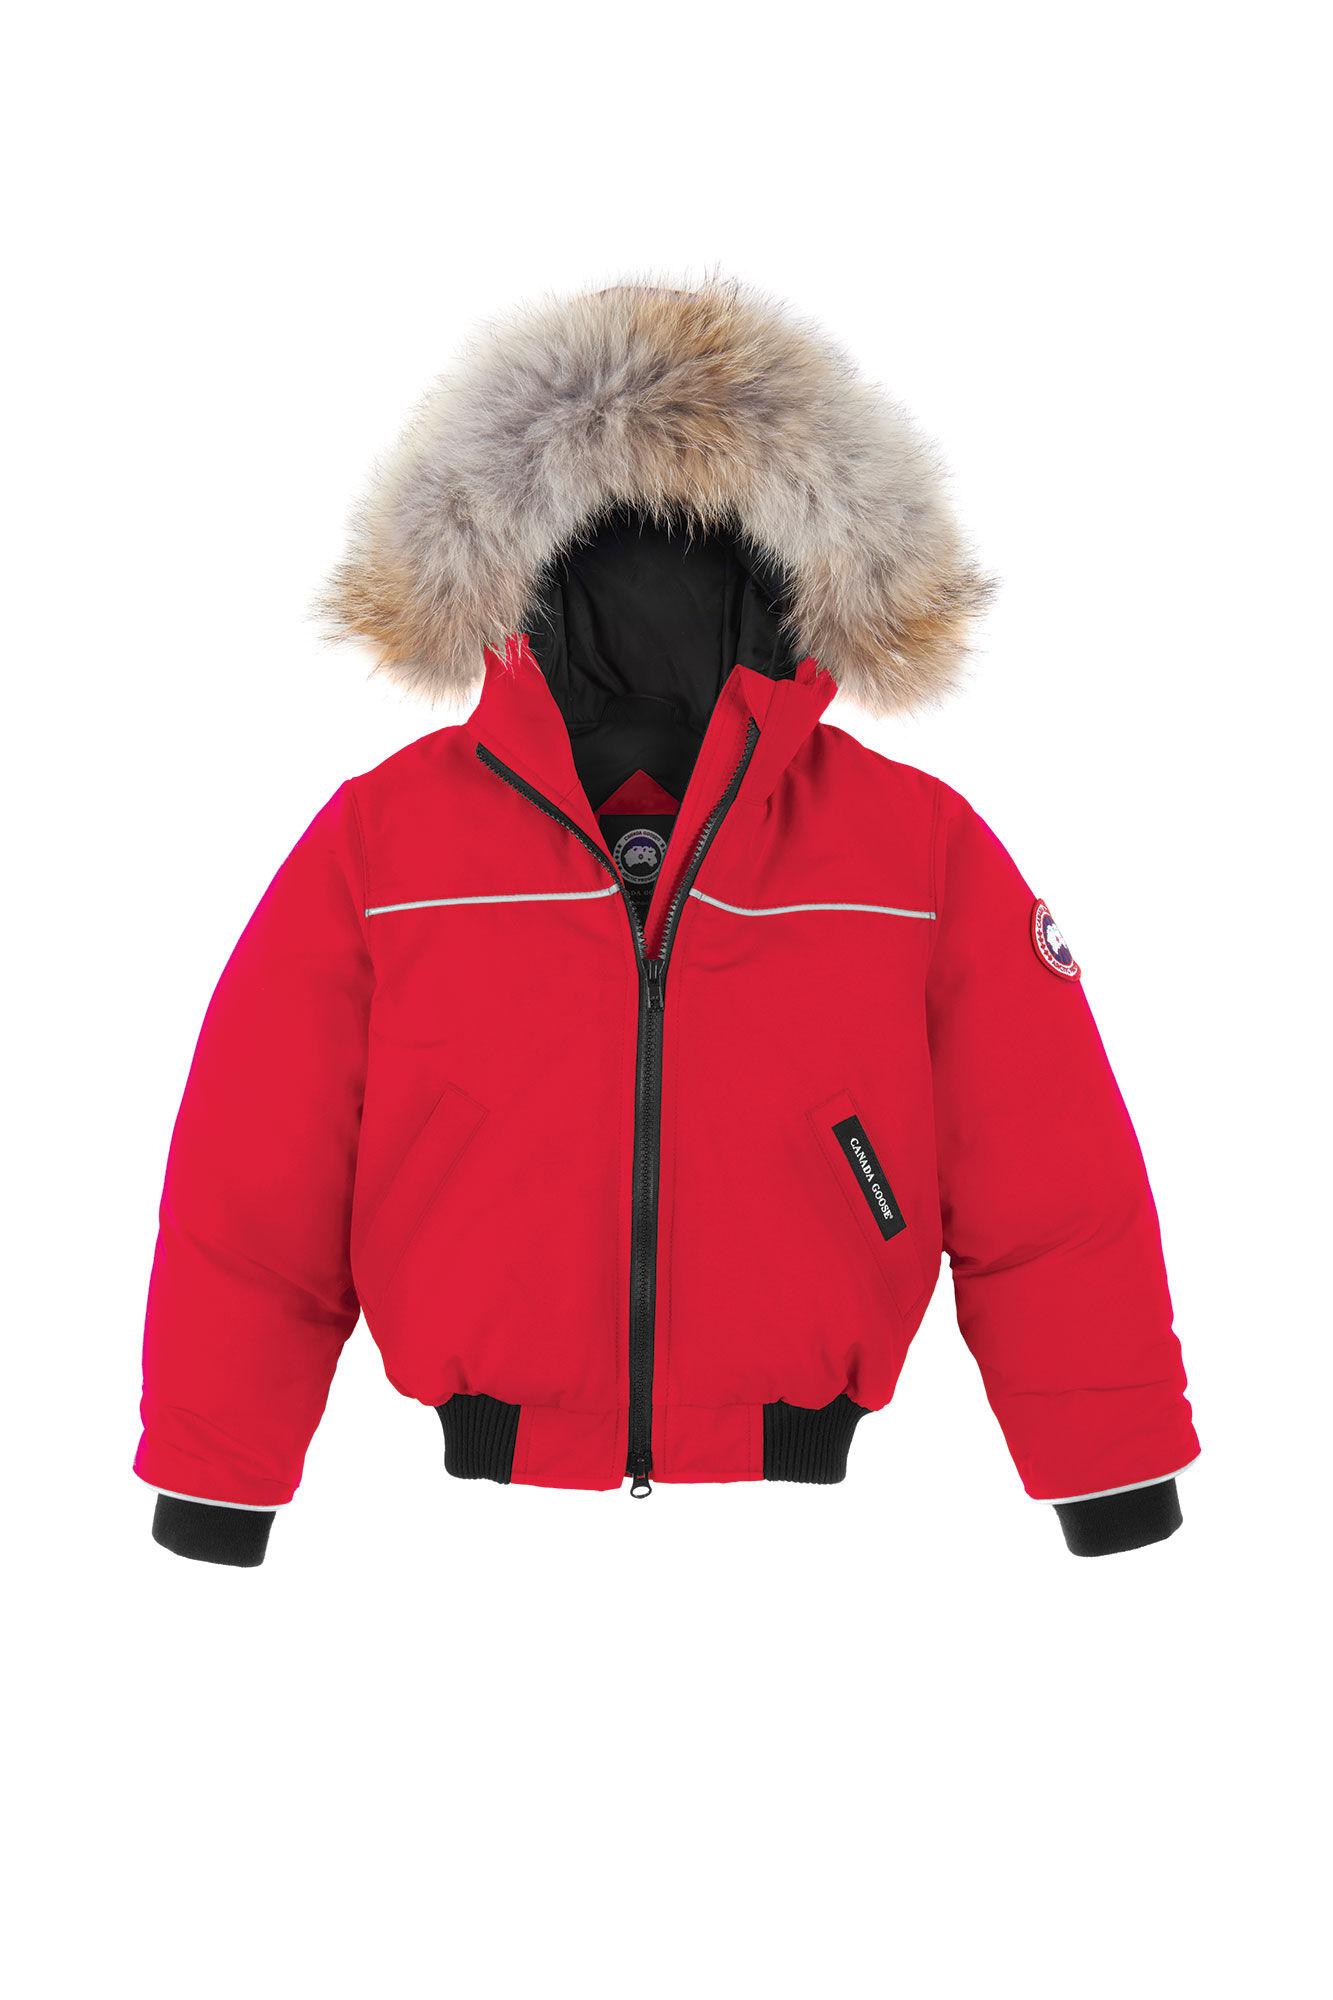 buy canada goose ireland